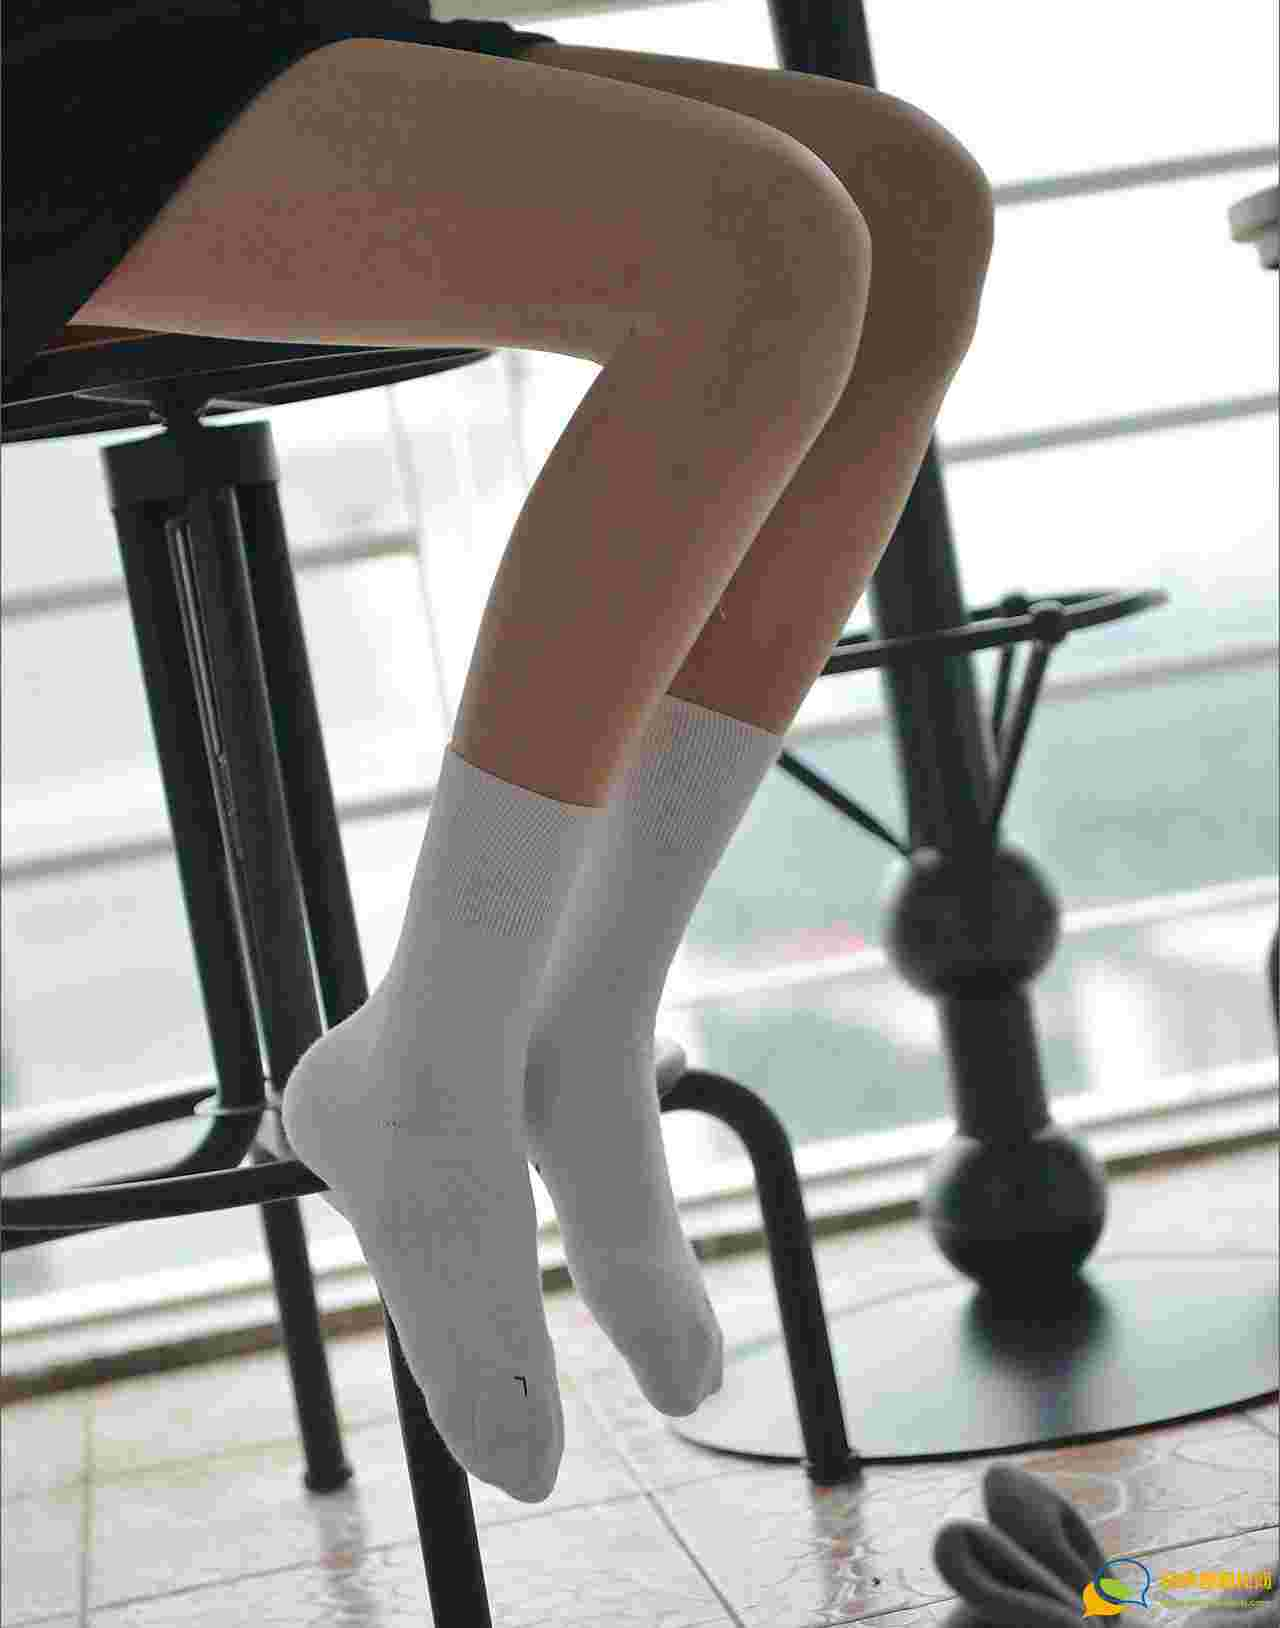 洁白无瑕的棉袜情结模特潇潇短袜美腿养眼十足